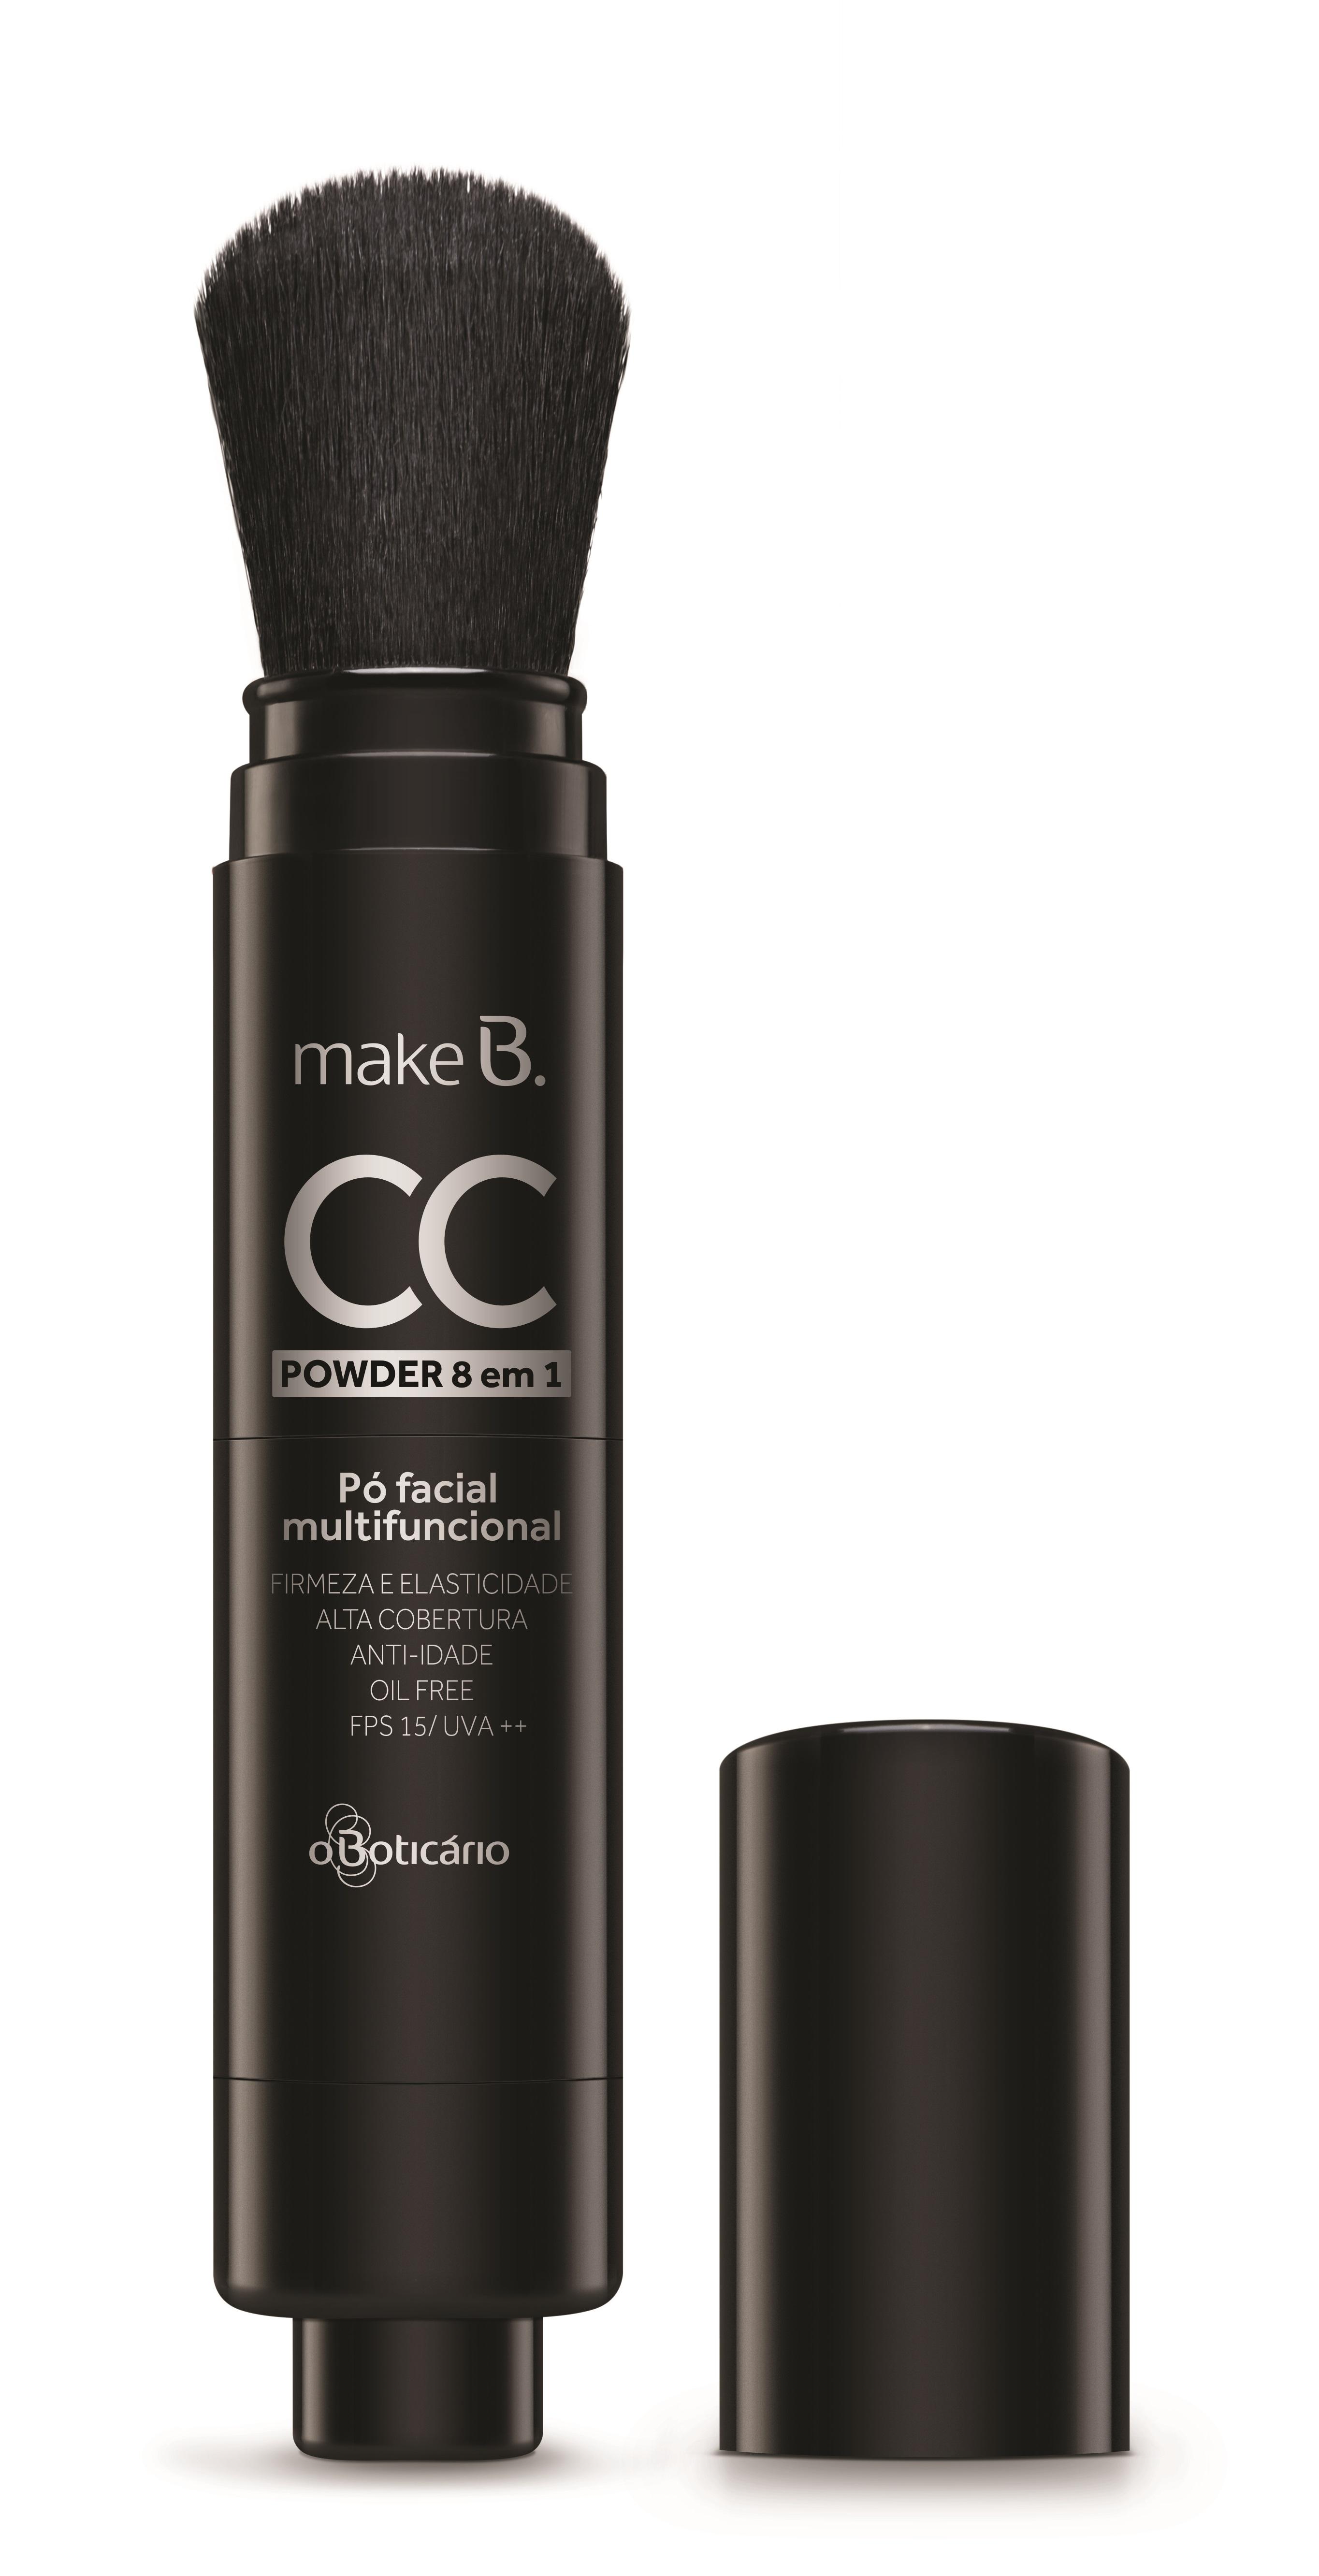 CC Creams e Powders são novidades de Make B.! 2